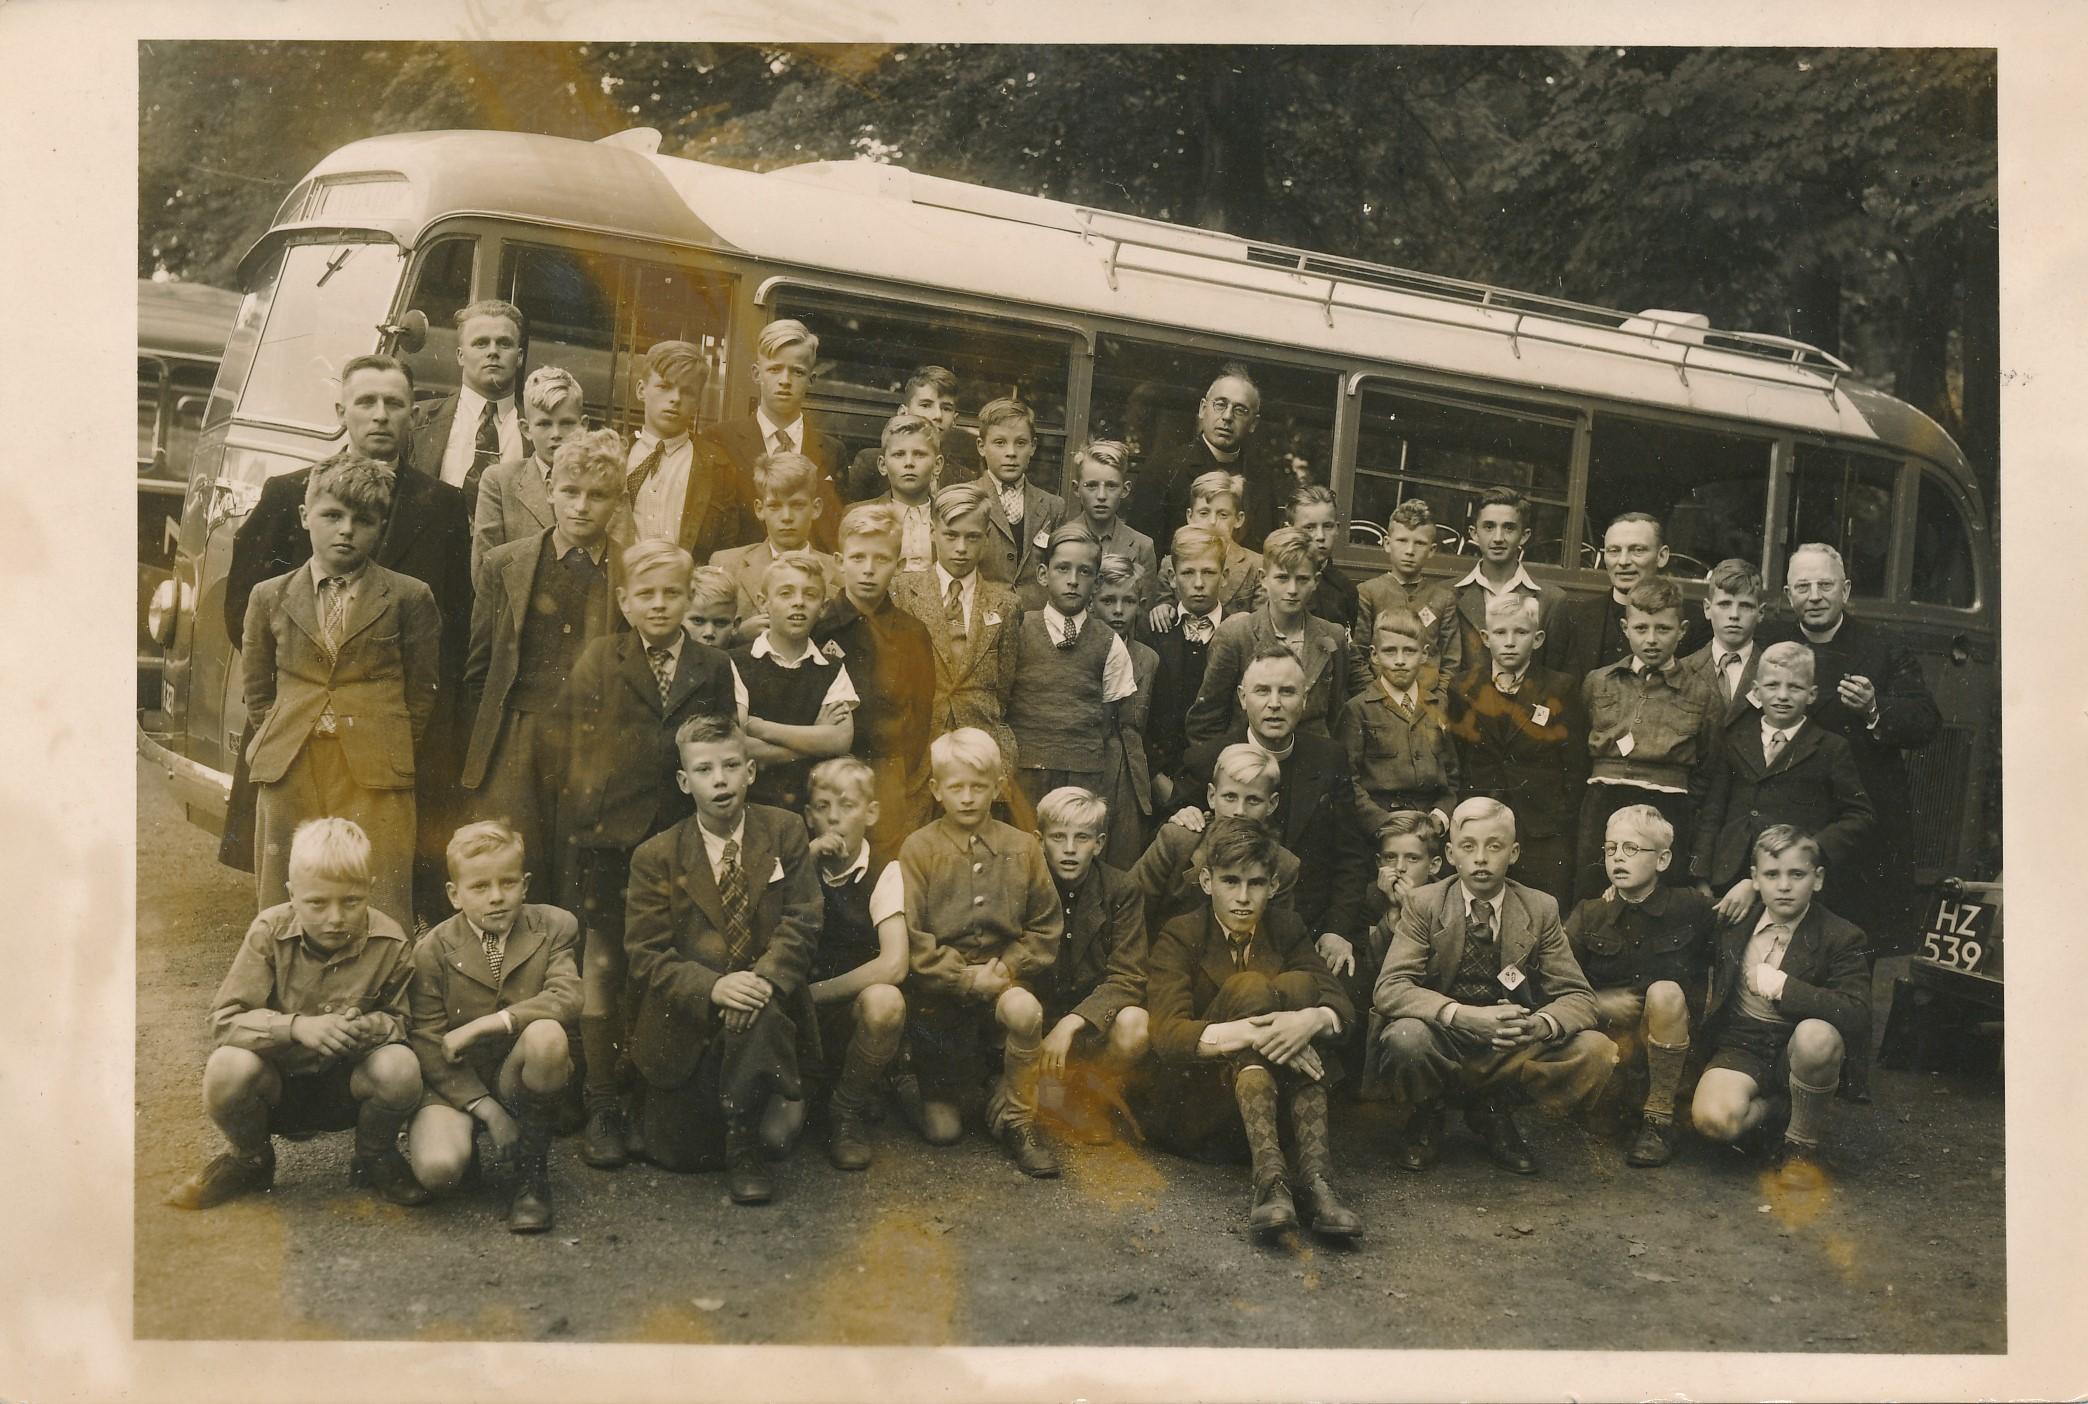 Fotoalbum Andre Kamsma, 003, oan pastoar A. B. de Jong, Easterwierrum 14 oktober 1949, misdienaars Easterwierrum, Reahûs en Jirnsum